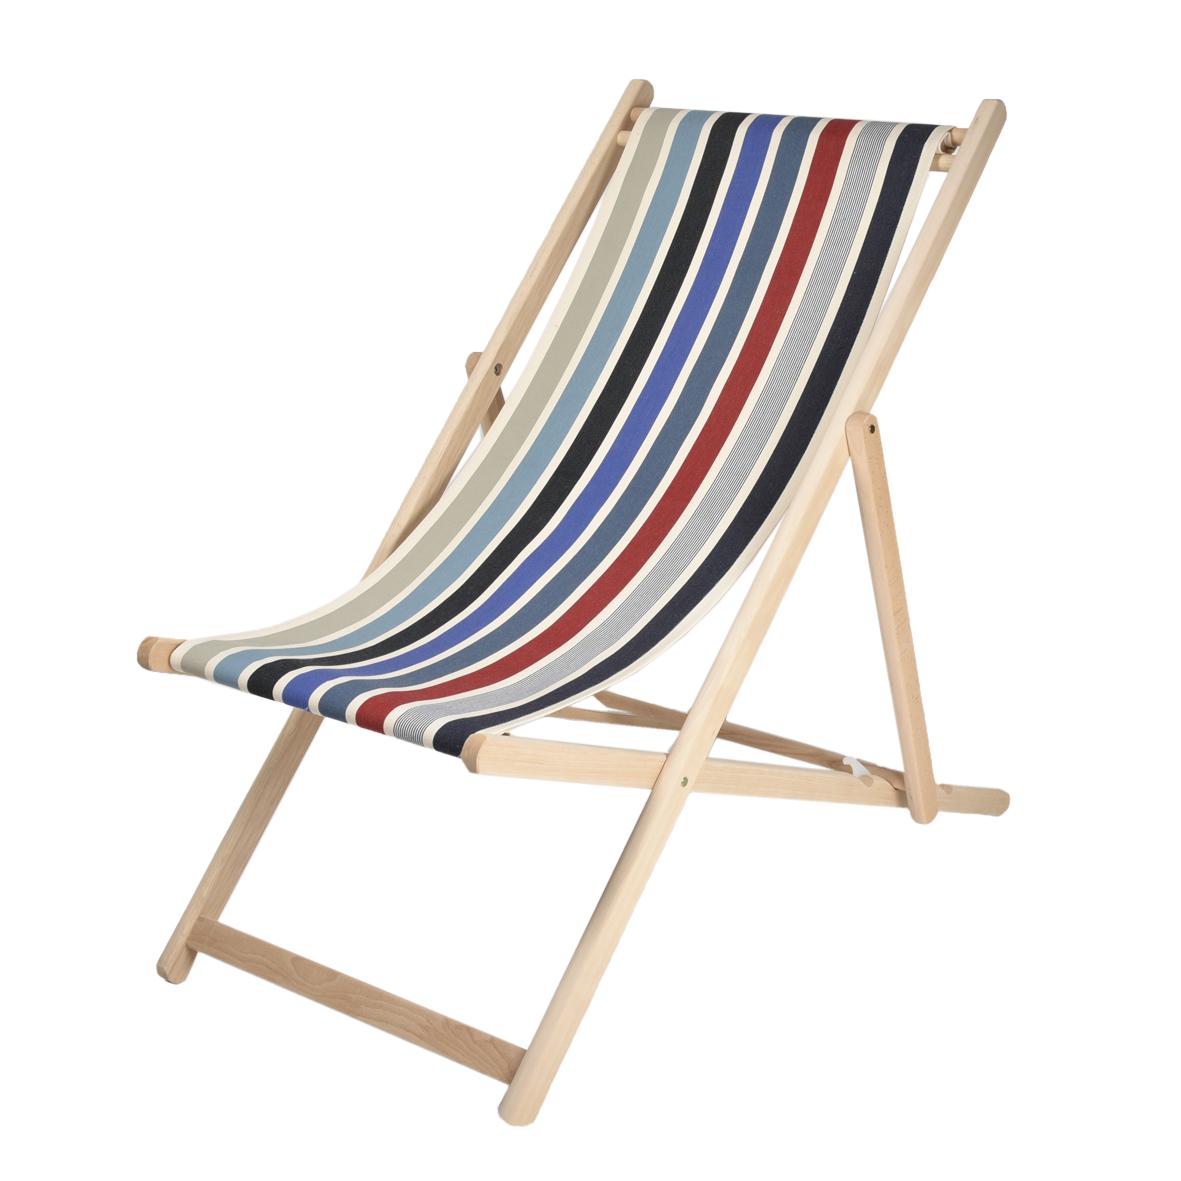 Toile à transat - prête à poser - pour chilienne/chaise longue GARLIN MARINE